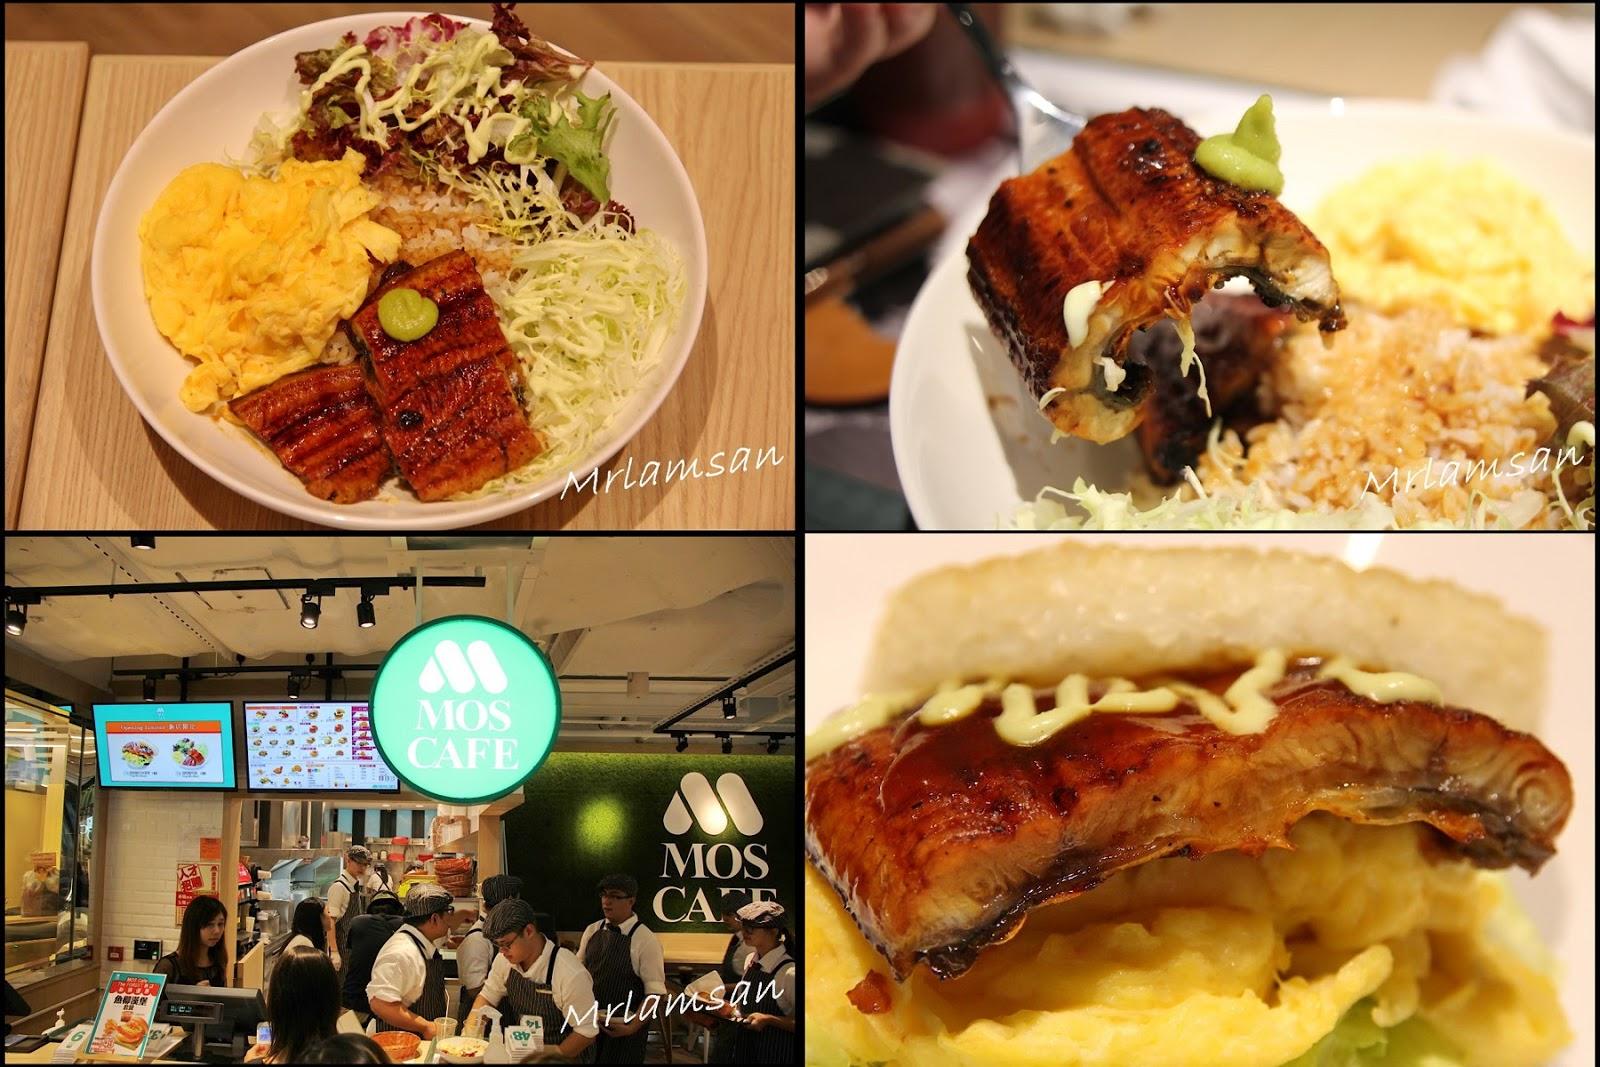 MOS Cafe旺角The FOREST 新店 增量鰻魚飯超值登場 | 林公子生活遊記 – U Blog 博客